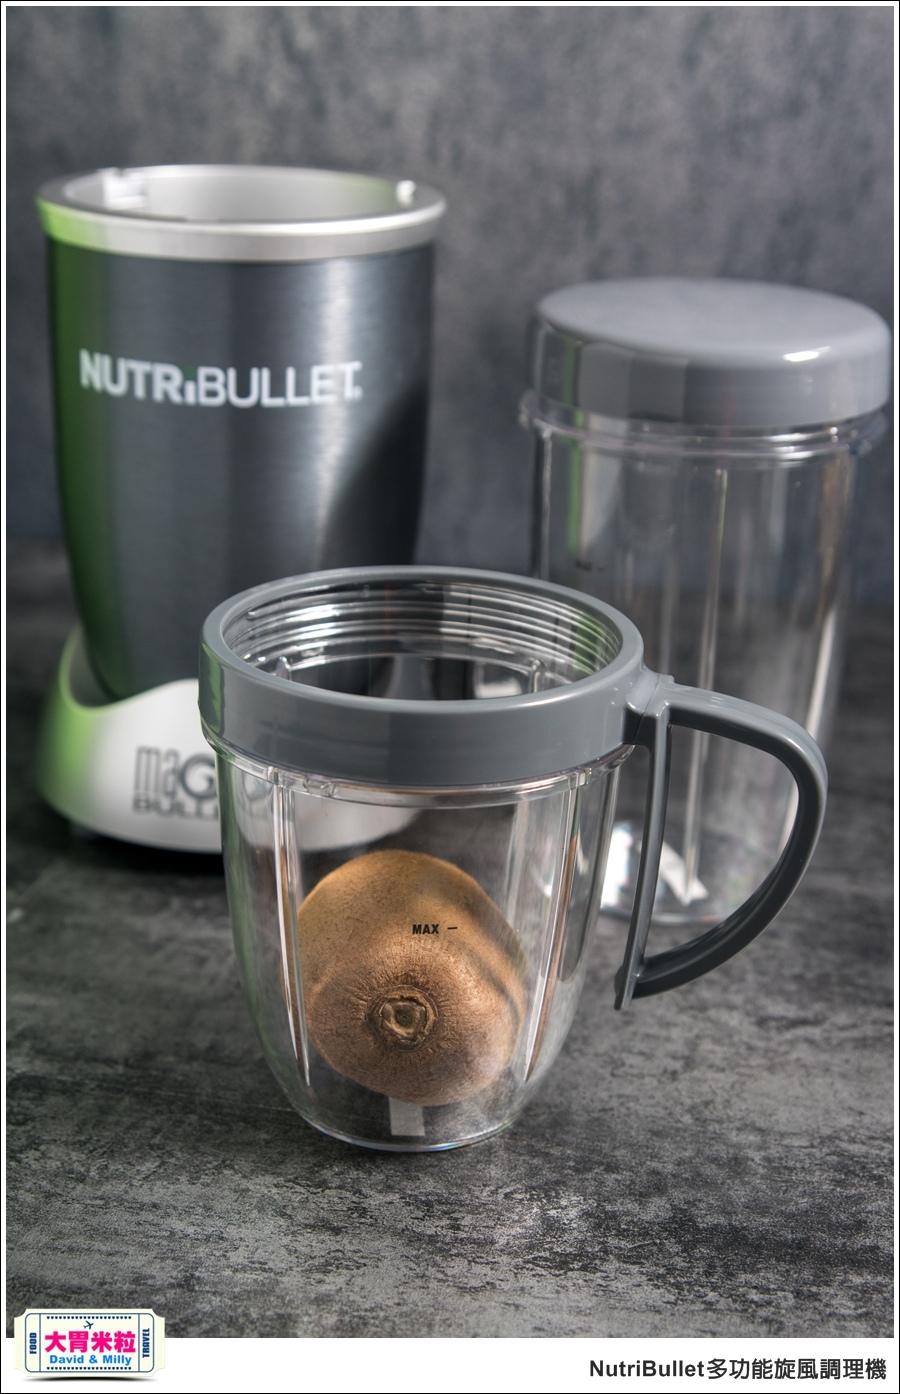 食物調理機推薦@美國NutriBullet高效精萃多功能旋風調理機@大胃米粒_006.jpg